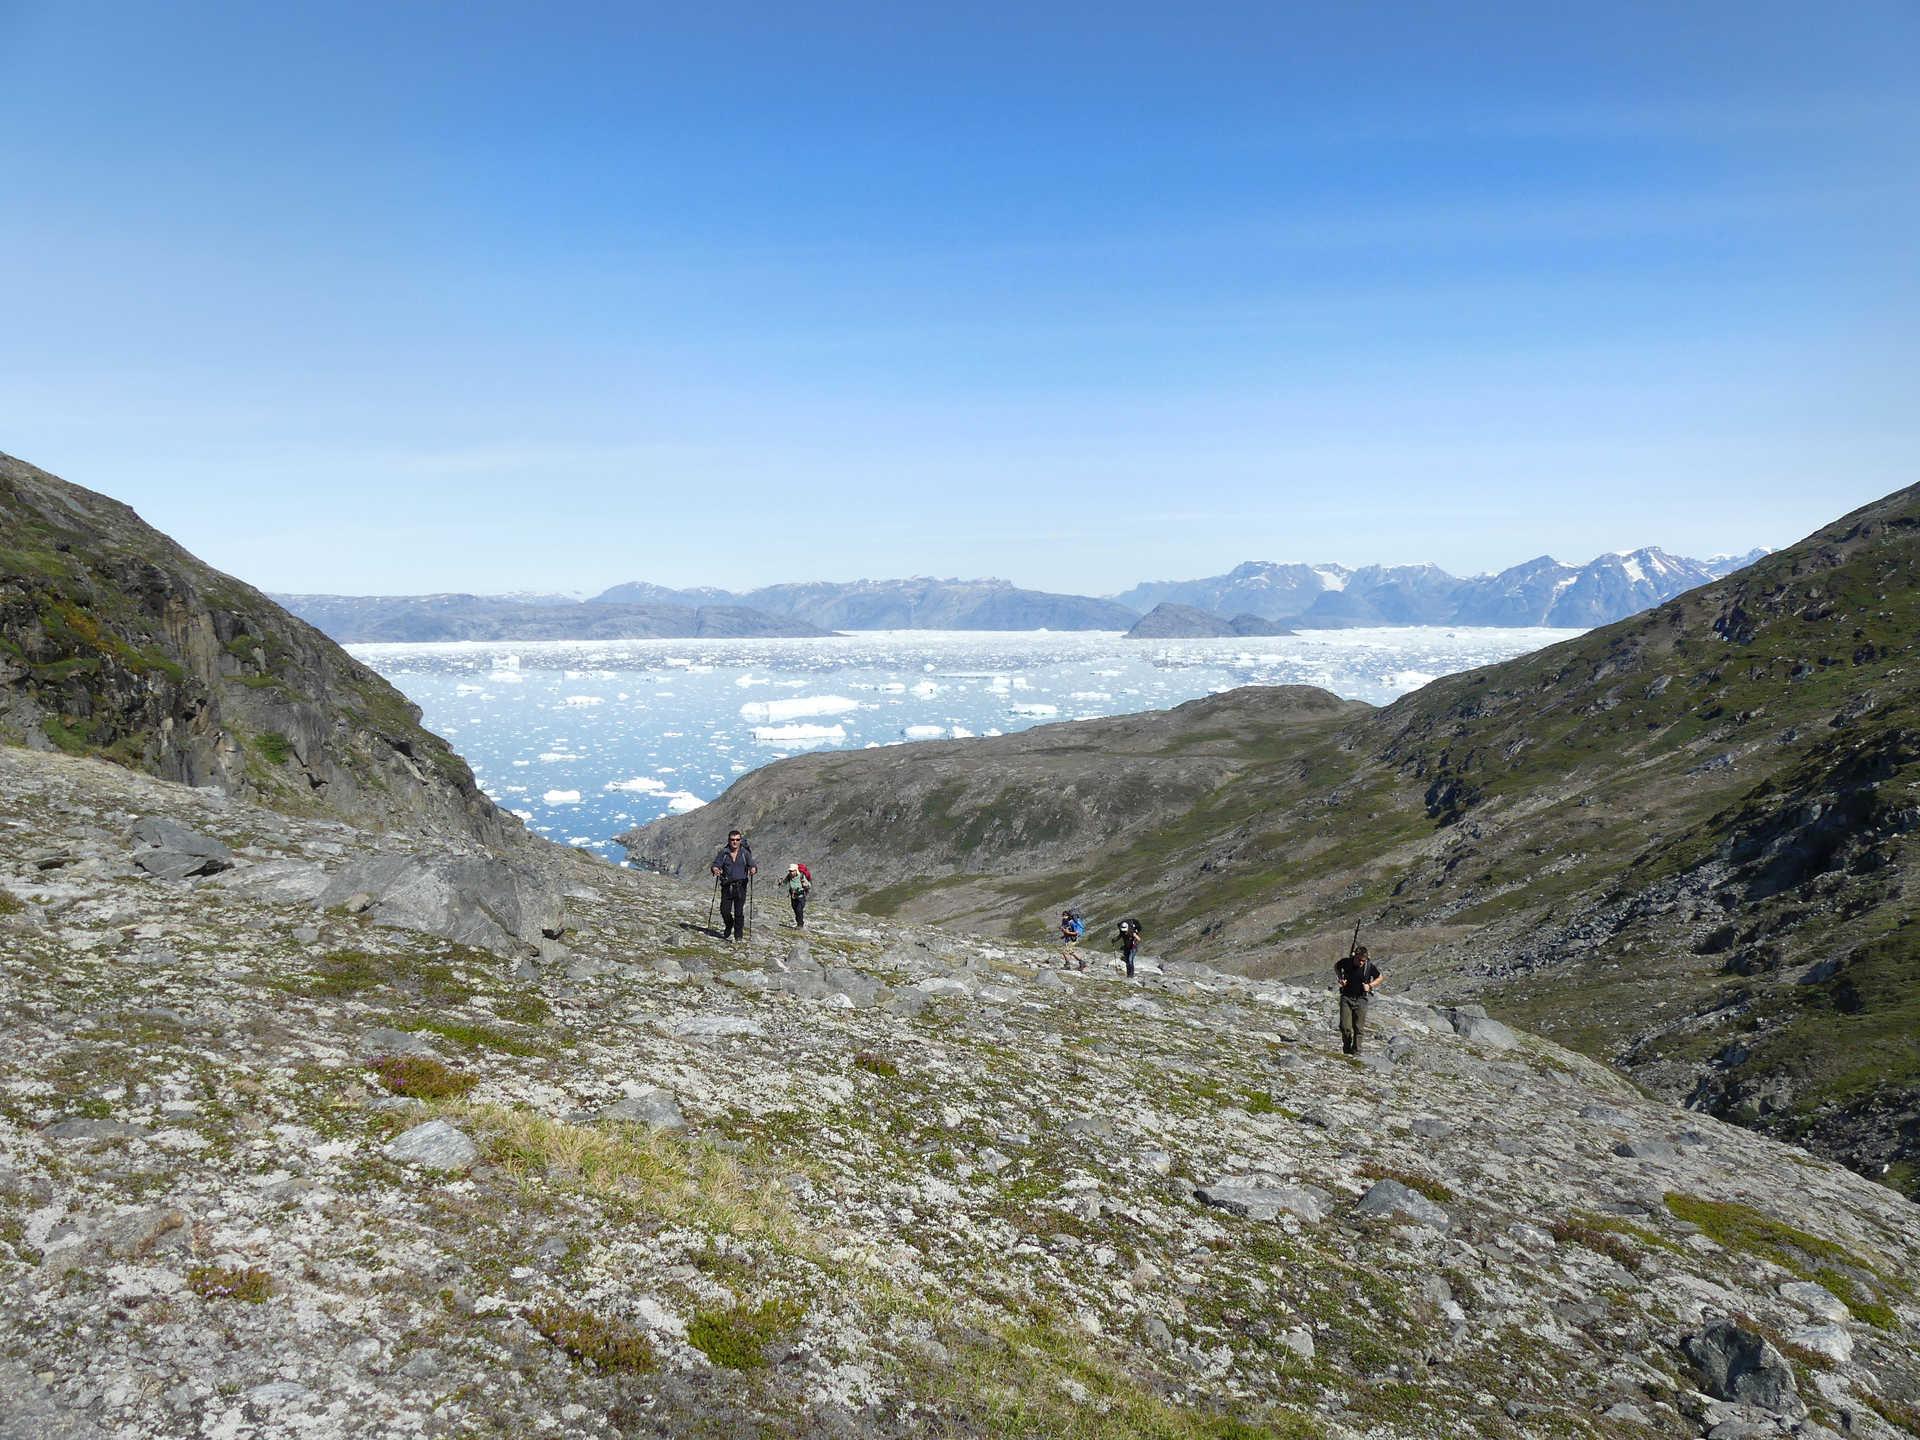 Randonnée sur la côté sauvage du Groenland